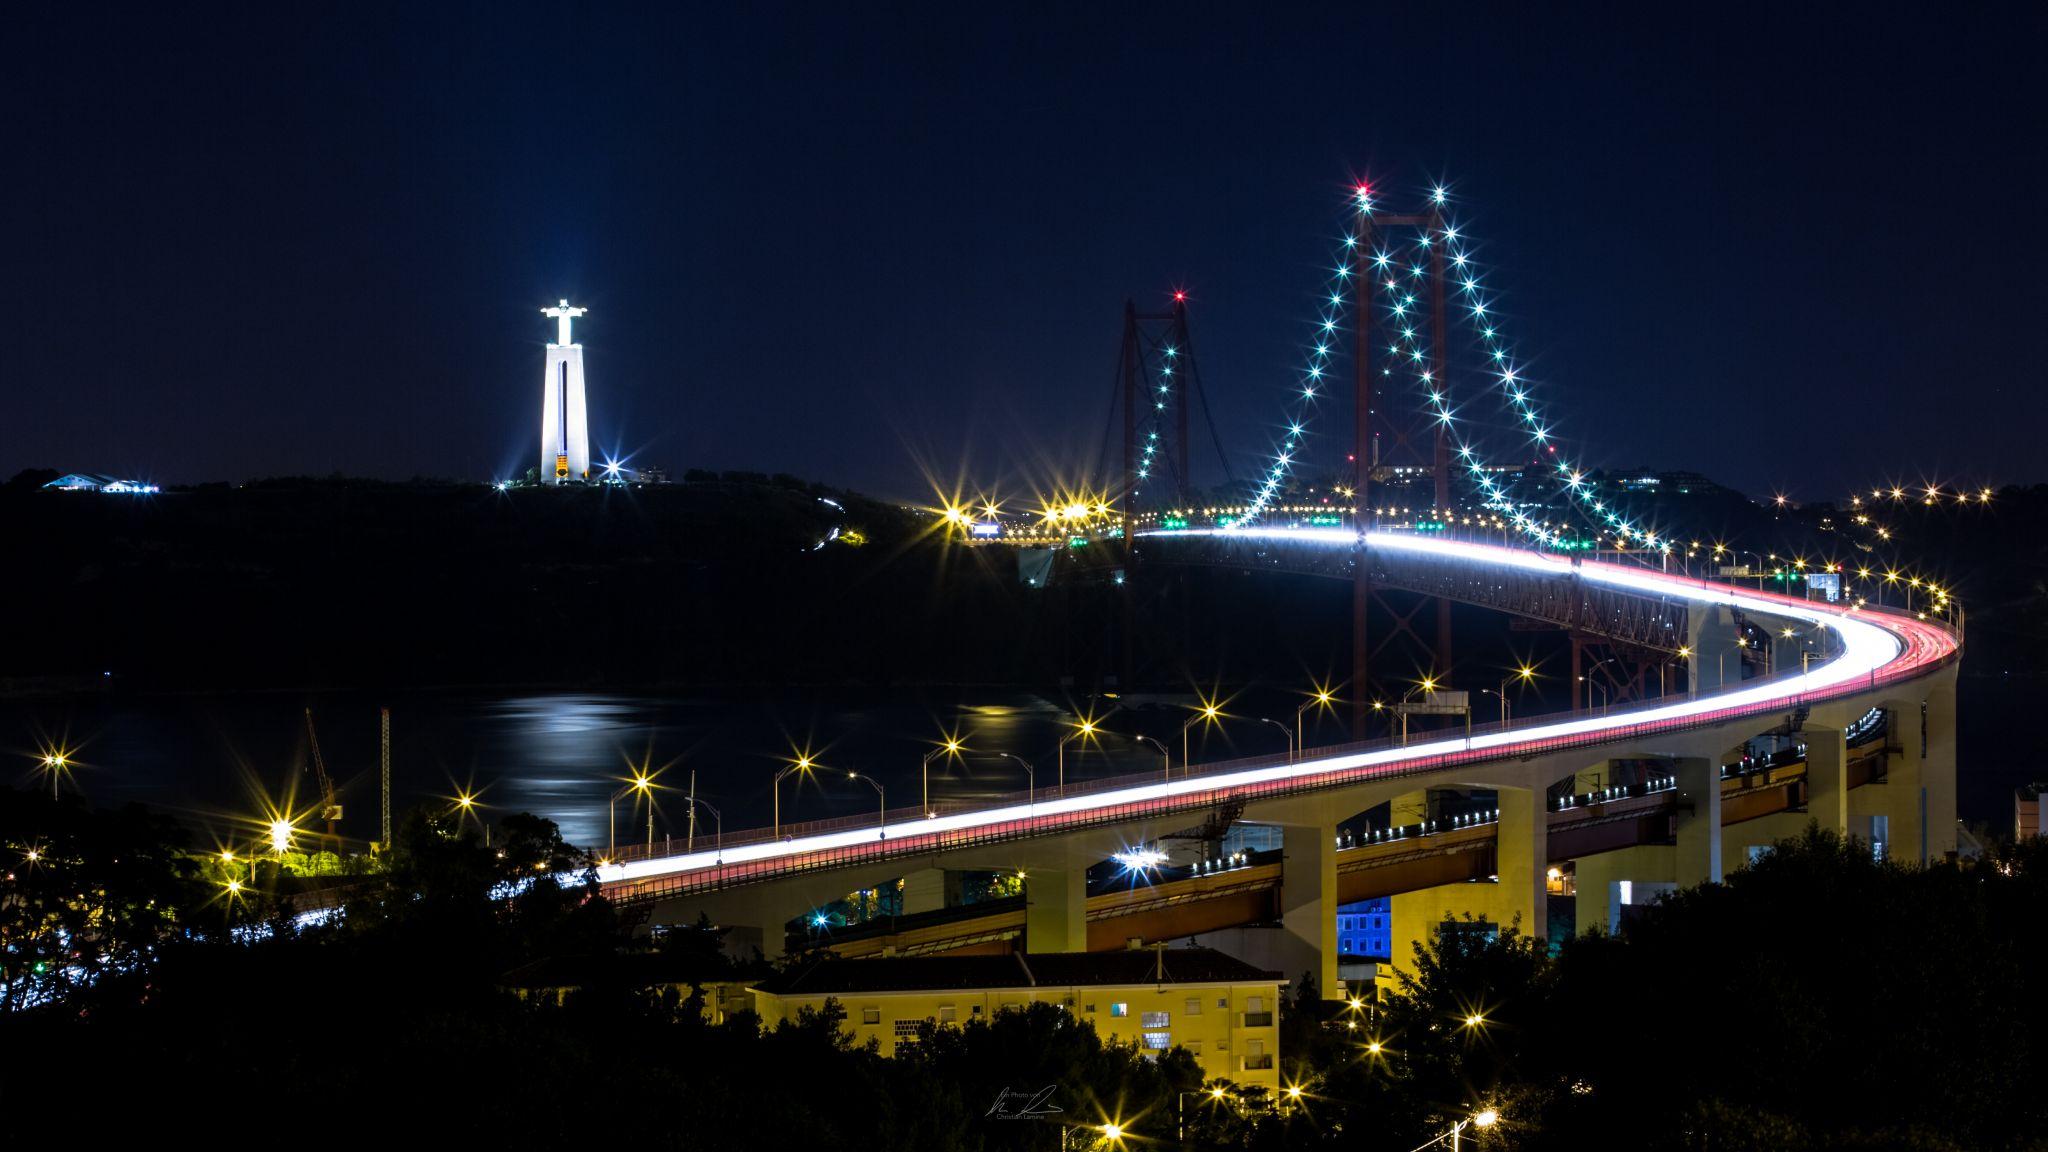 Ponte 25 de Abril, Portugal